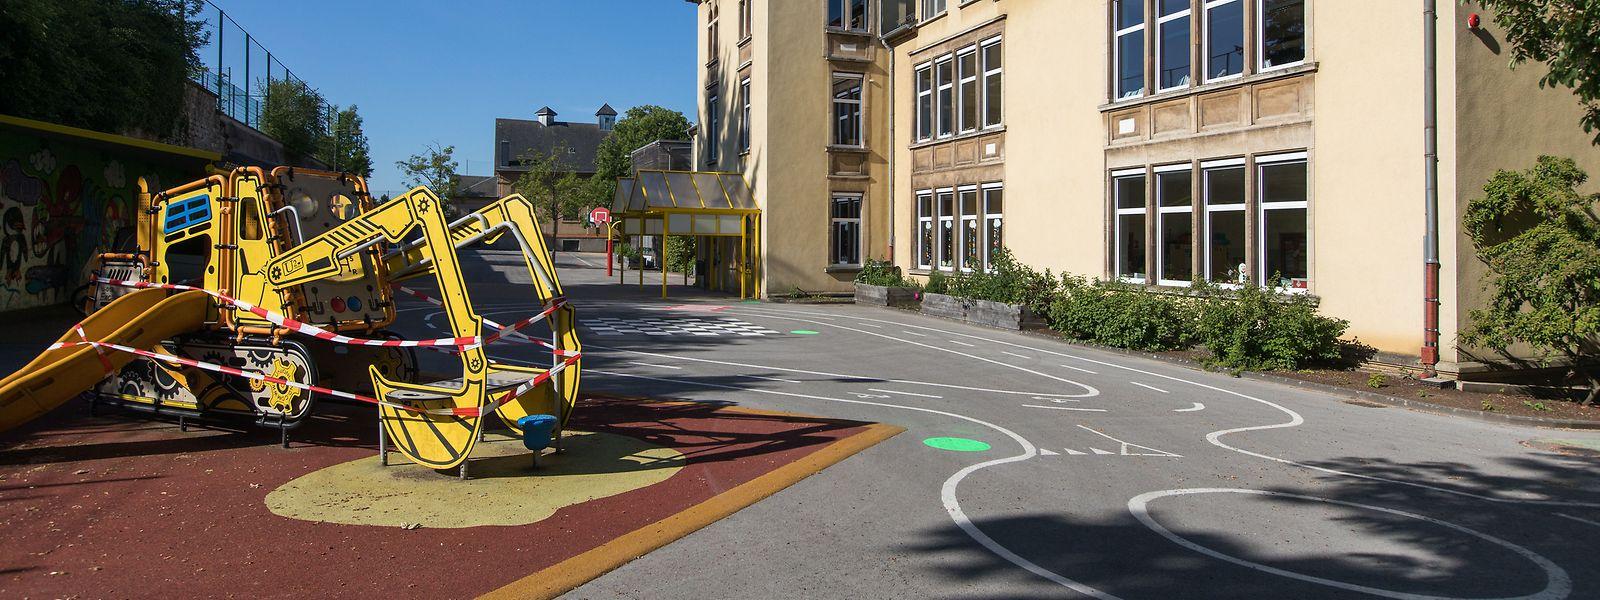 Der Schulhof der Düdelinger Deich-Schule wurde in Zonen eingeteilt.